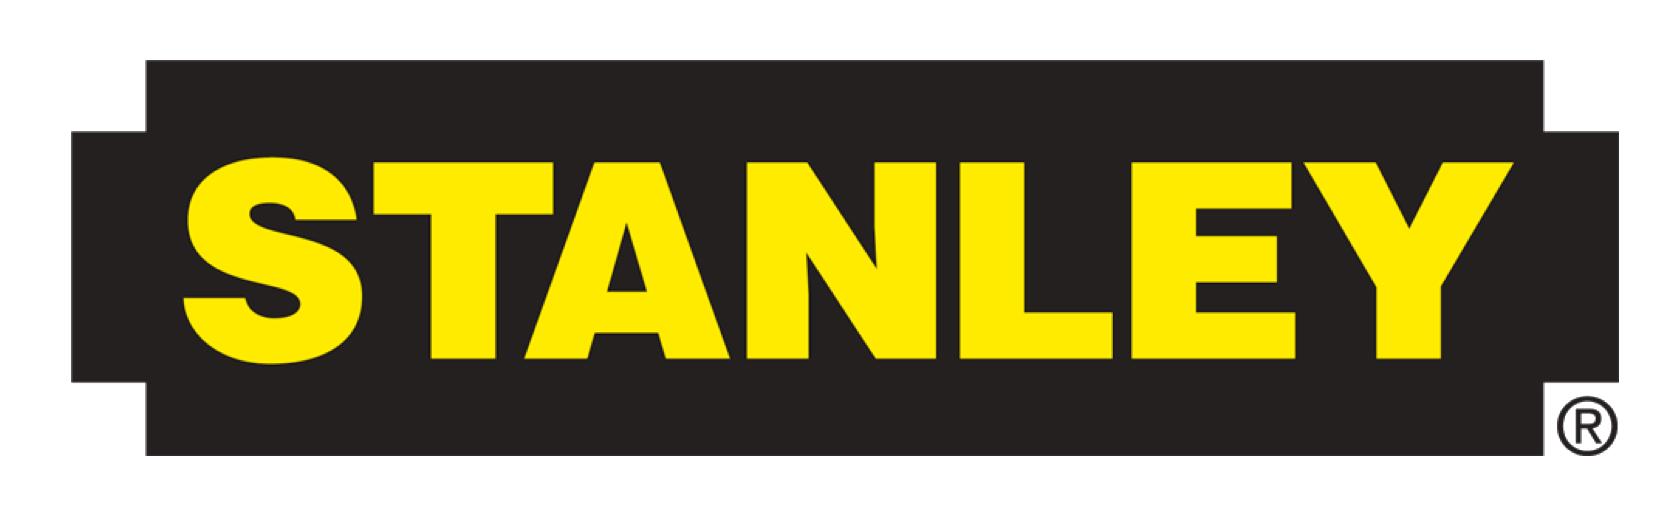 stanley-logo-1